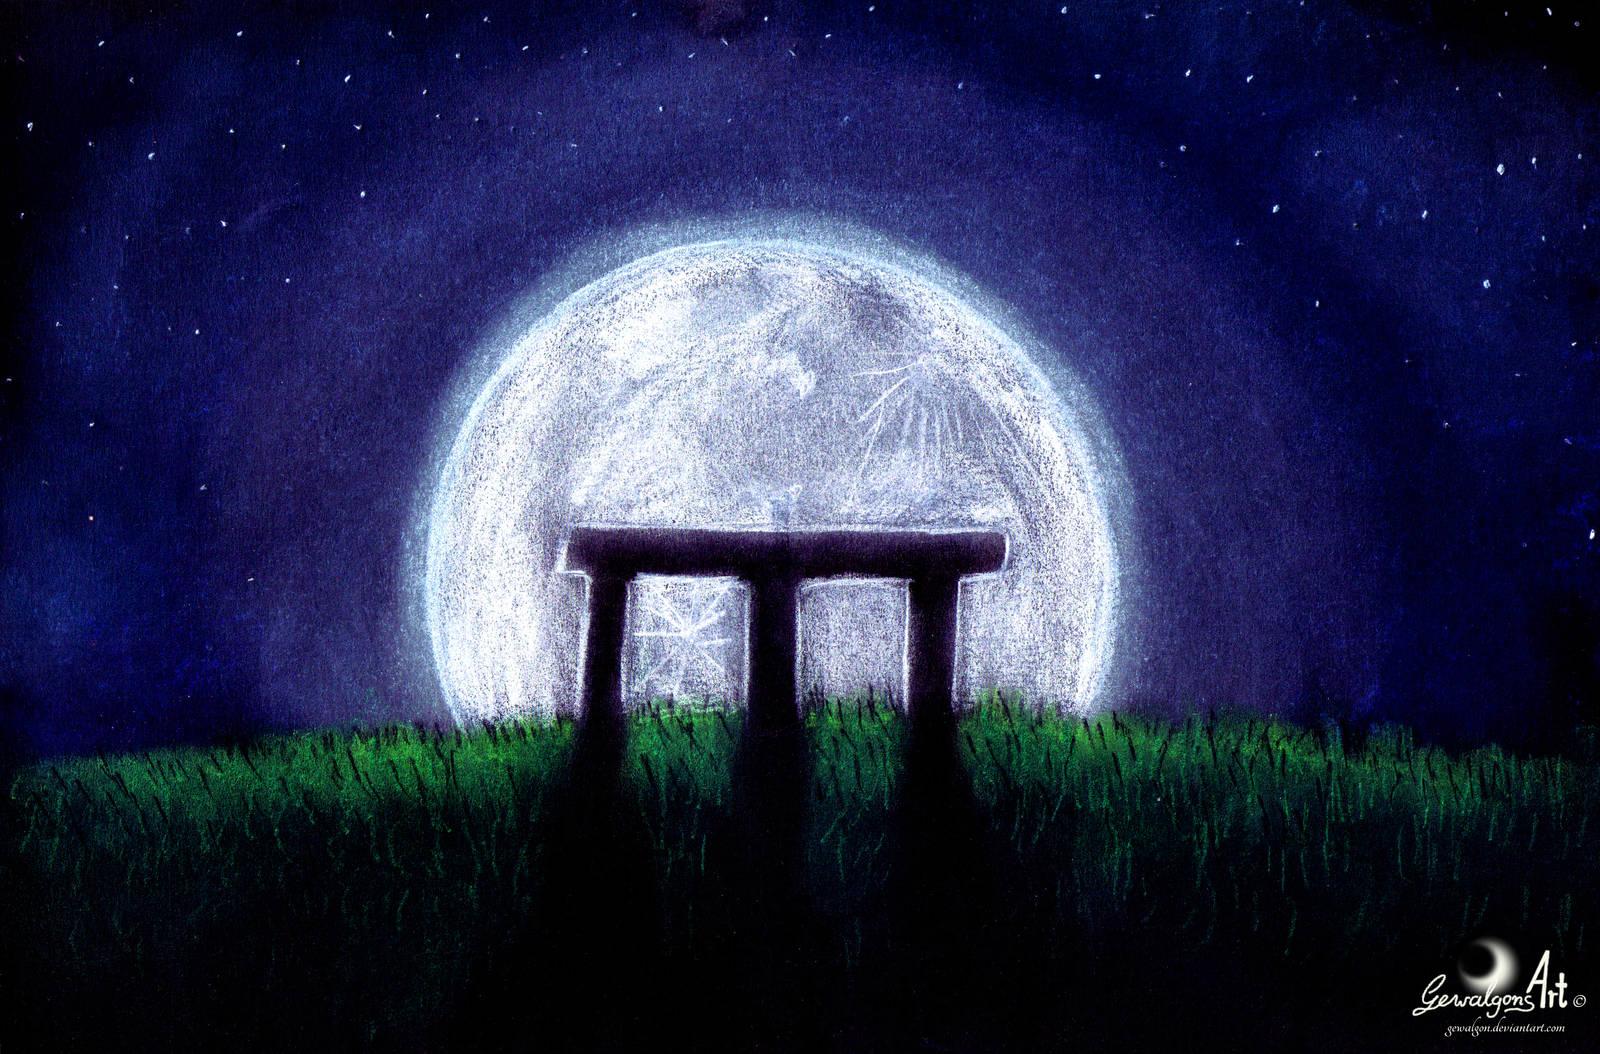 Moonlight Magic by Gewalgon